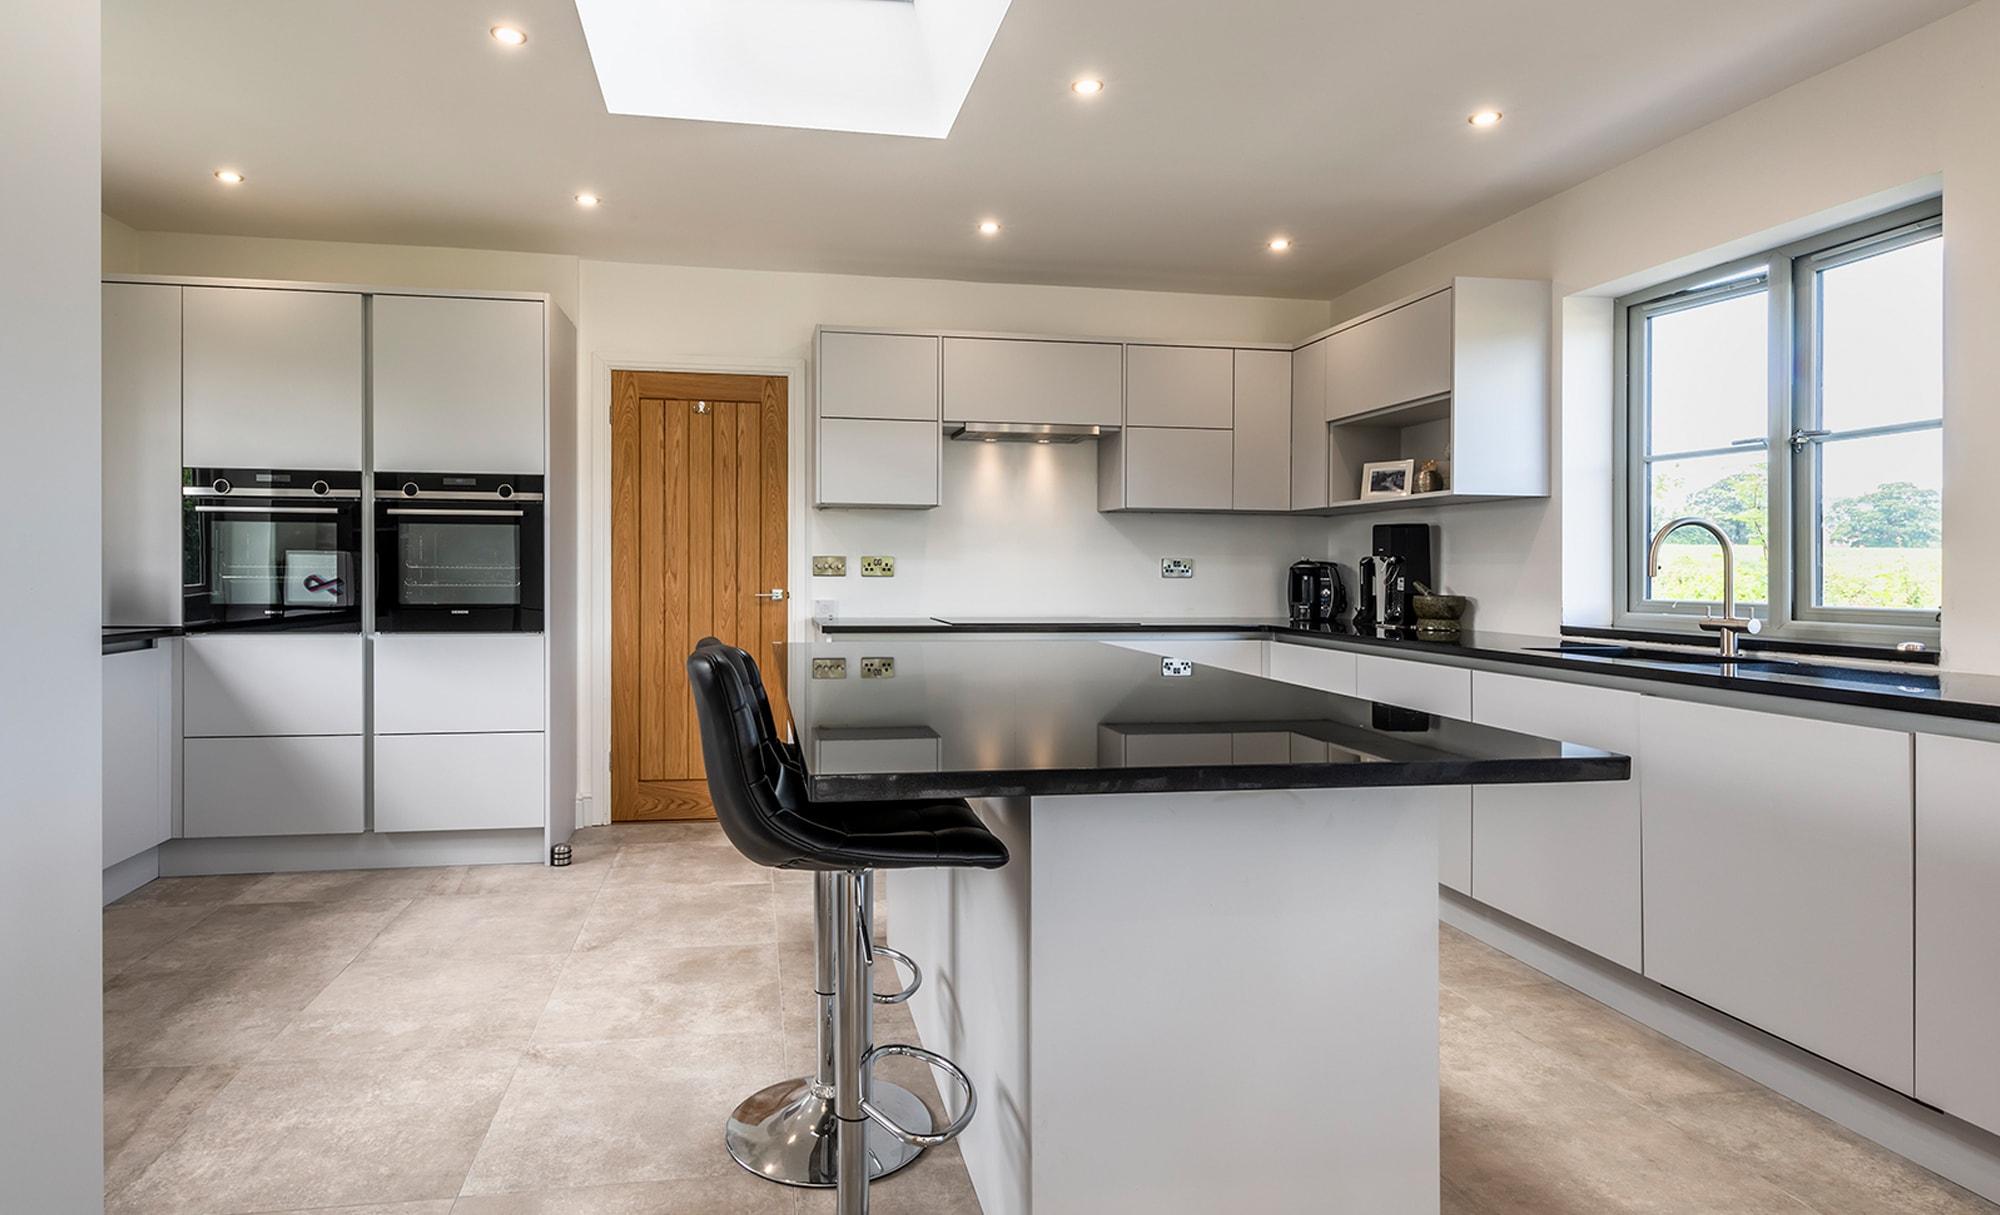 Zola Matte Light Grey kitchen for Adrian & Sara of North Somerset